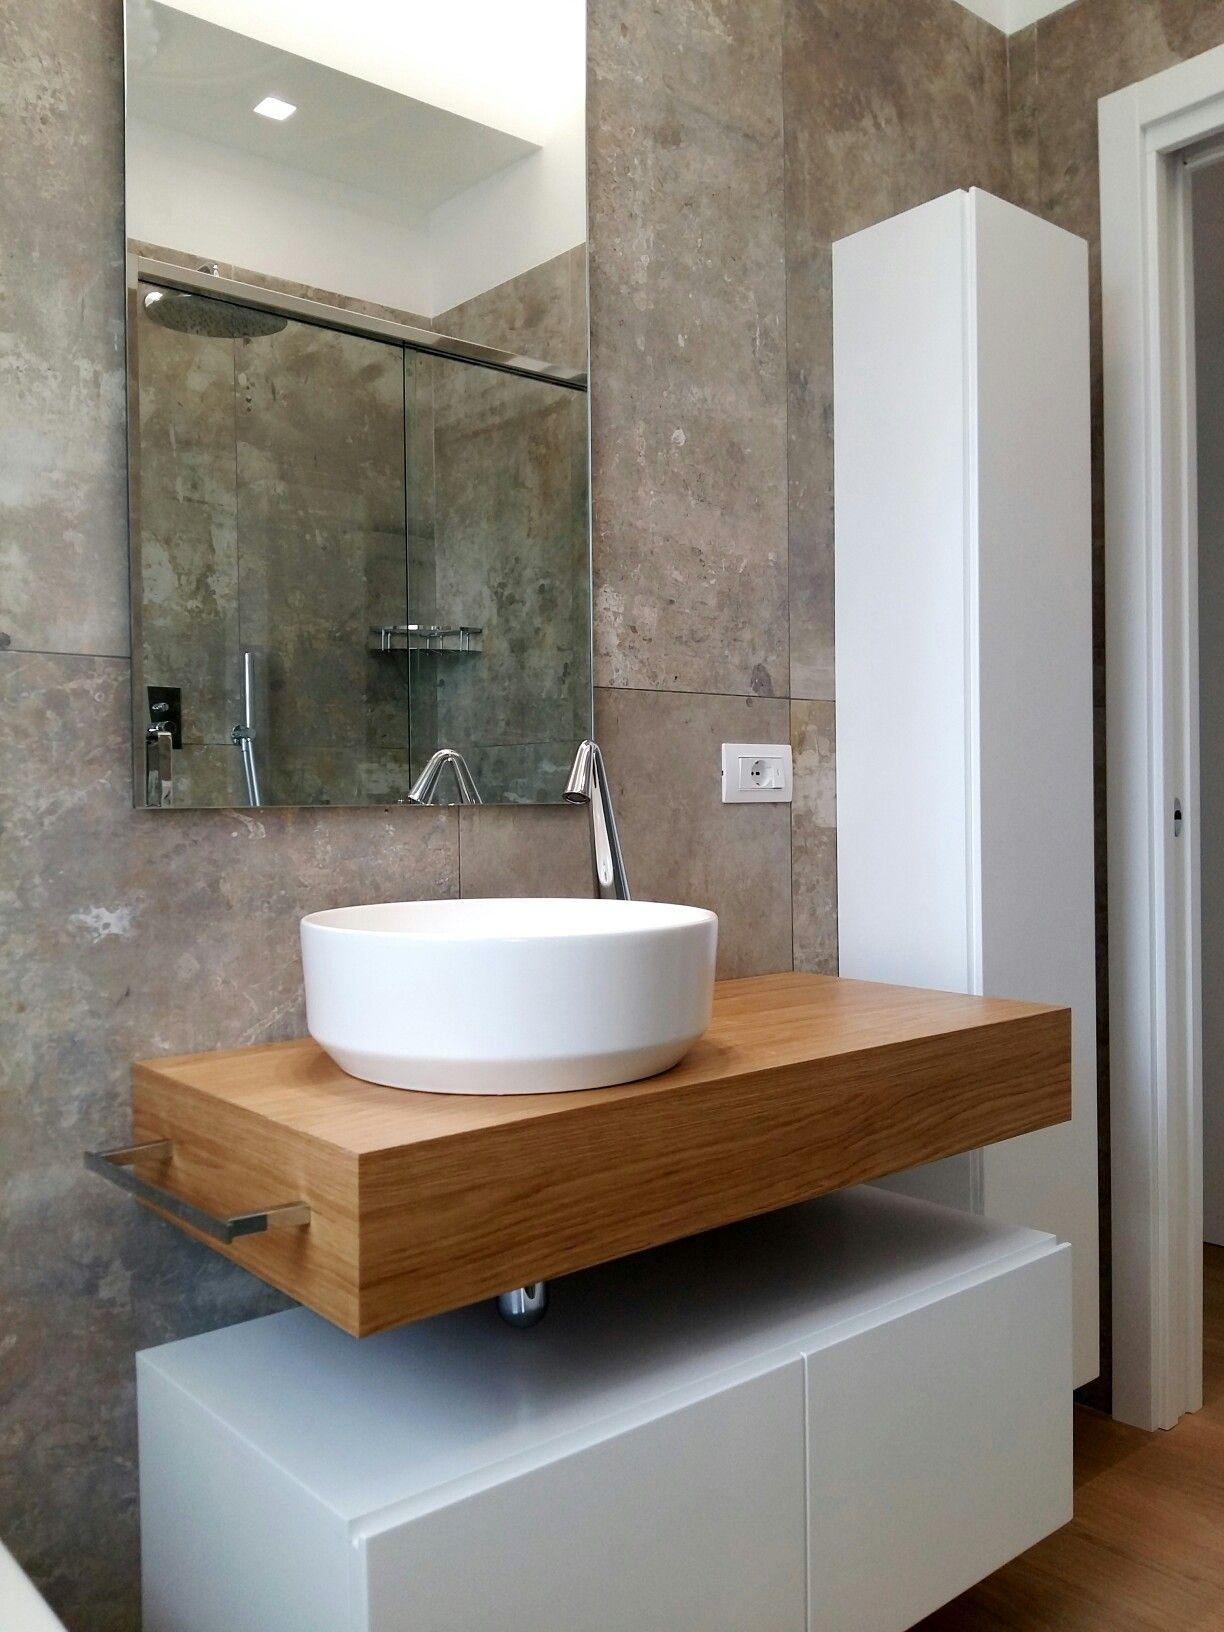 Bagni in cemento fabulous mobile bagno rovere dogato - Vasca da bagno in cemento ...